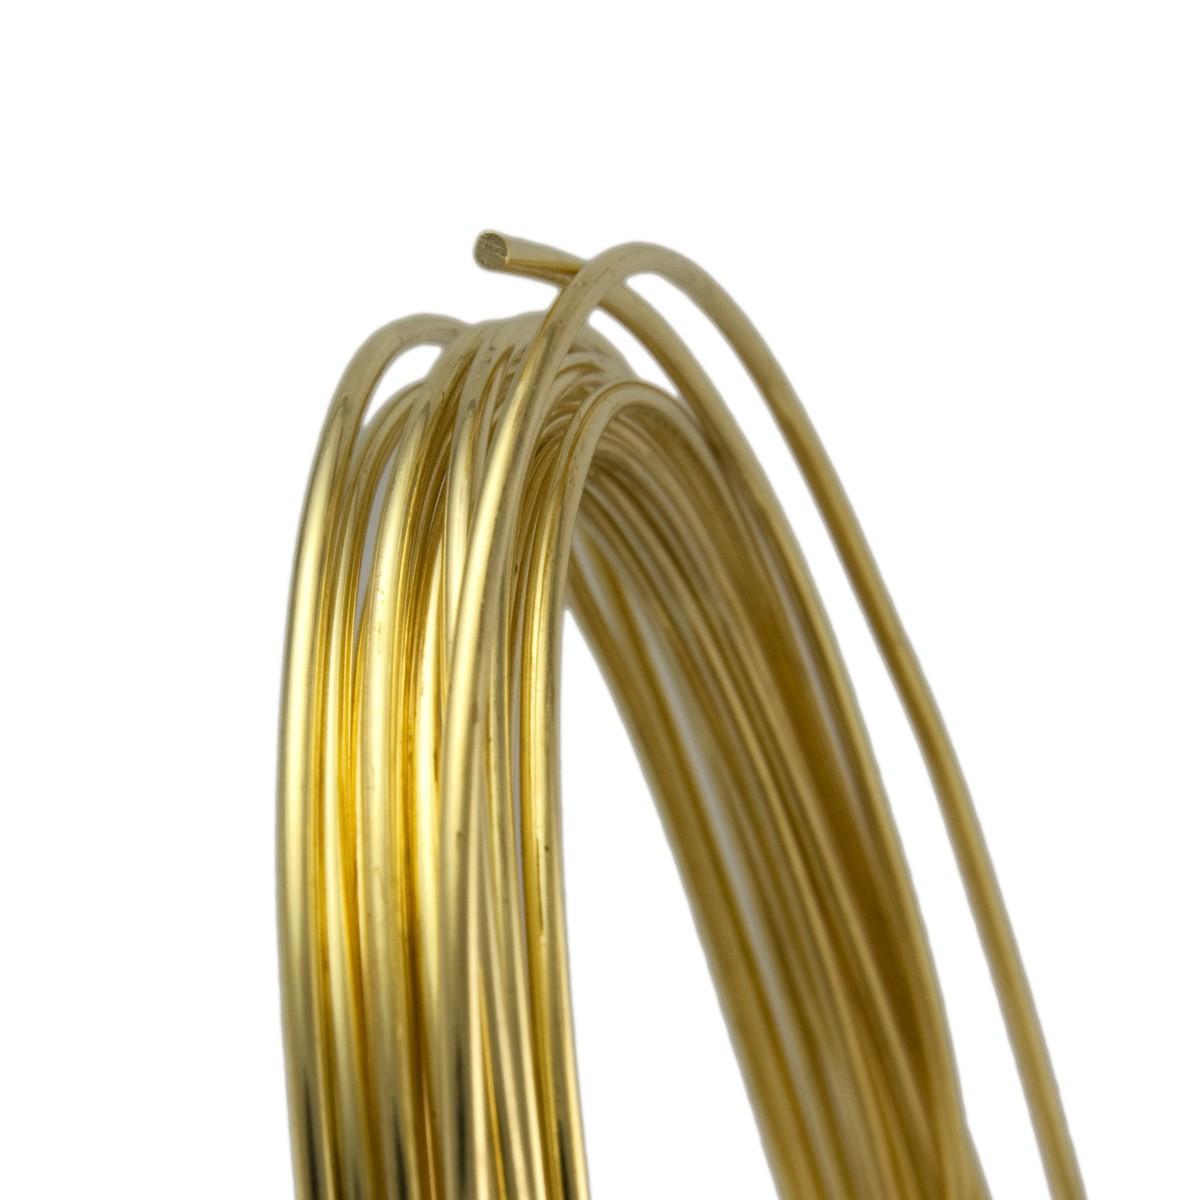 20 Gauge Round Half Hard Yellow Brass Wire: Wire Jewelry | Wire Wrap ...